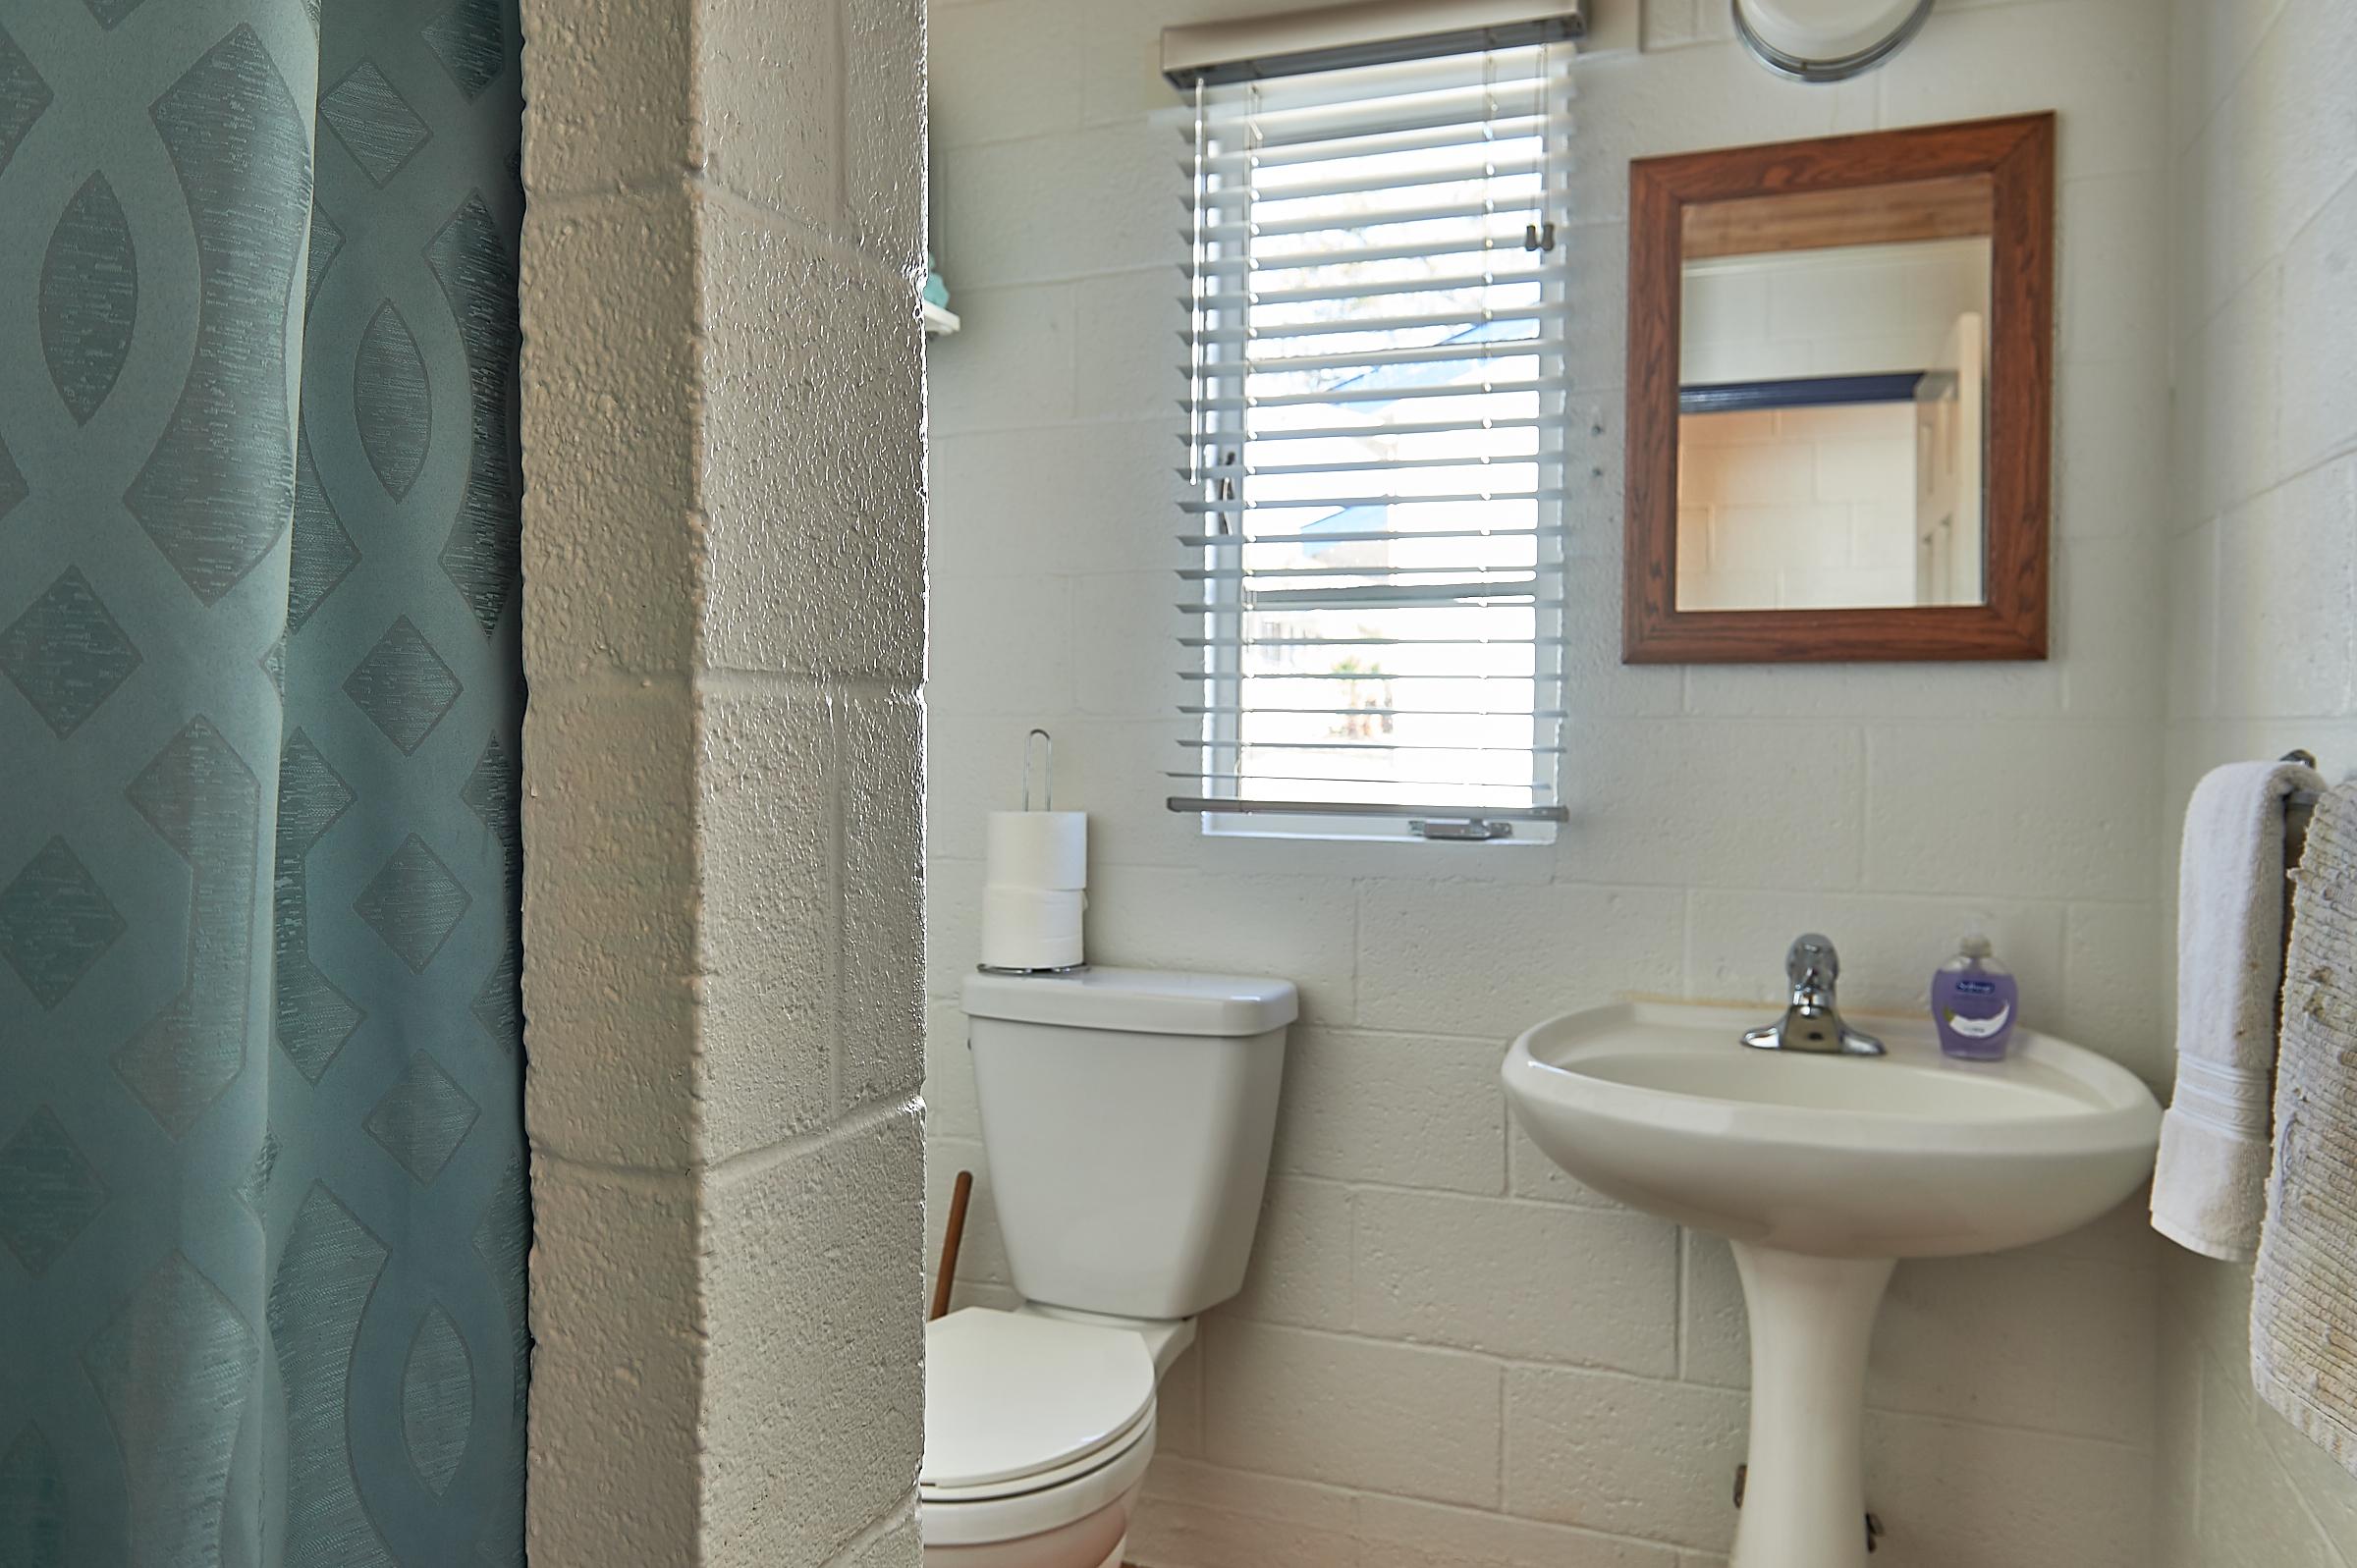 Packsaddle Mountain Cabin Restroom Image 1